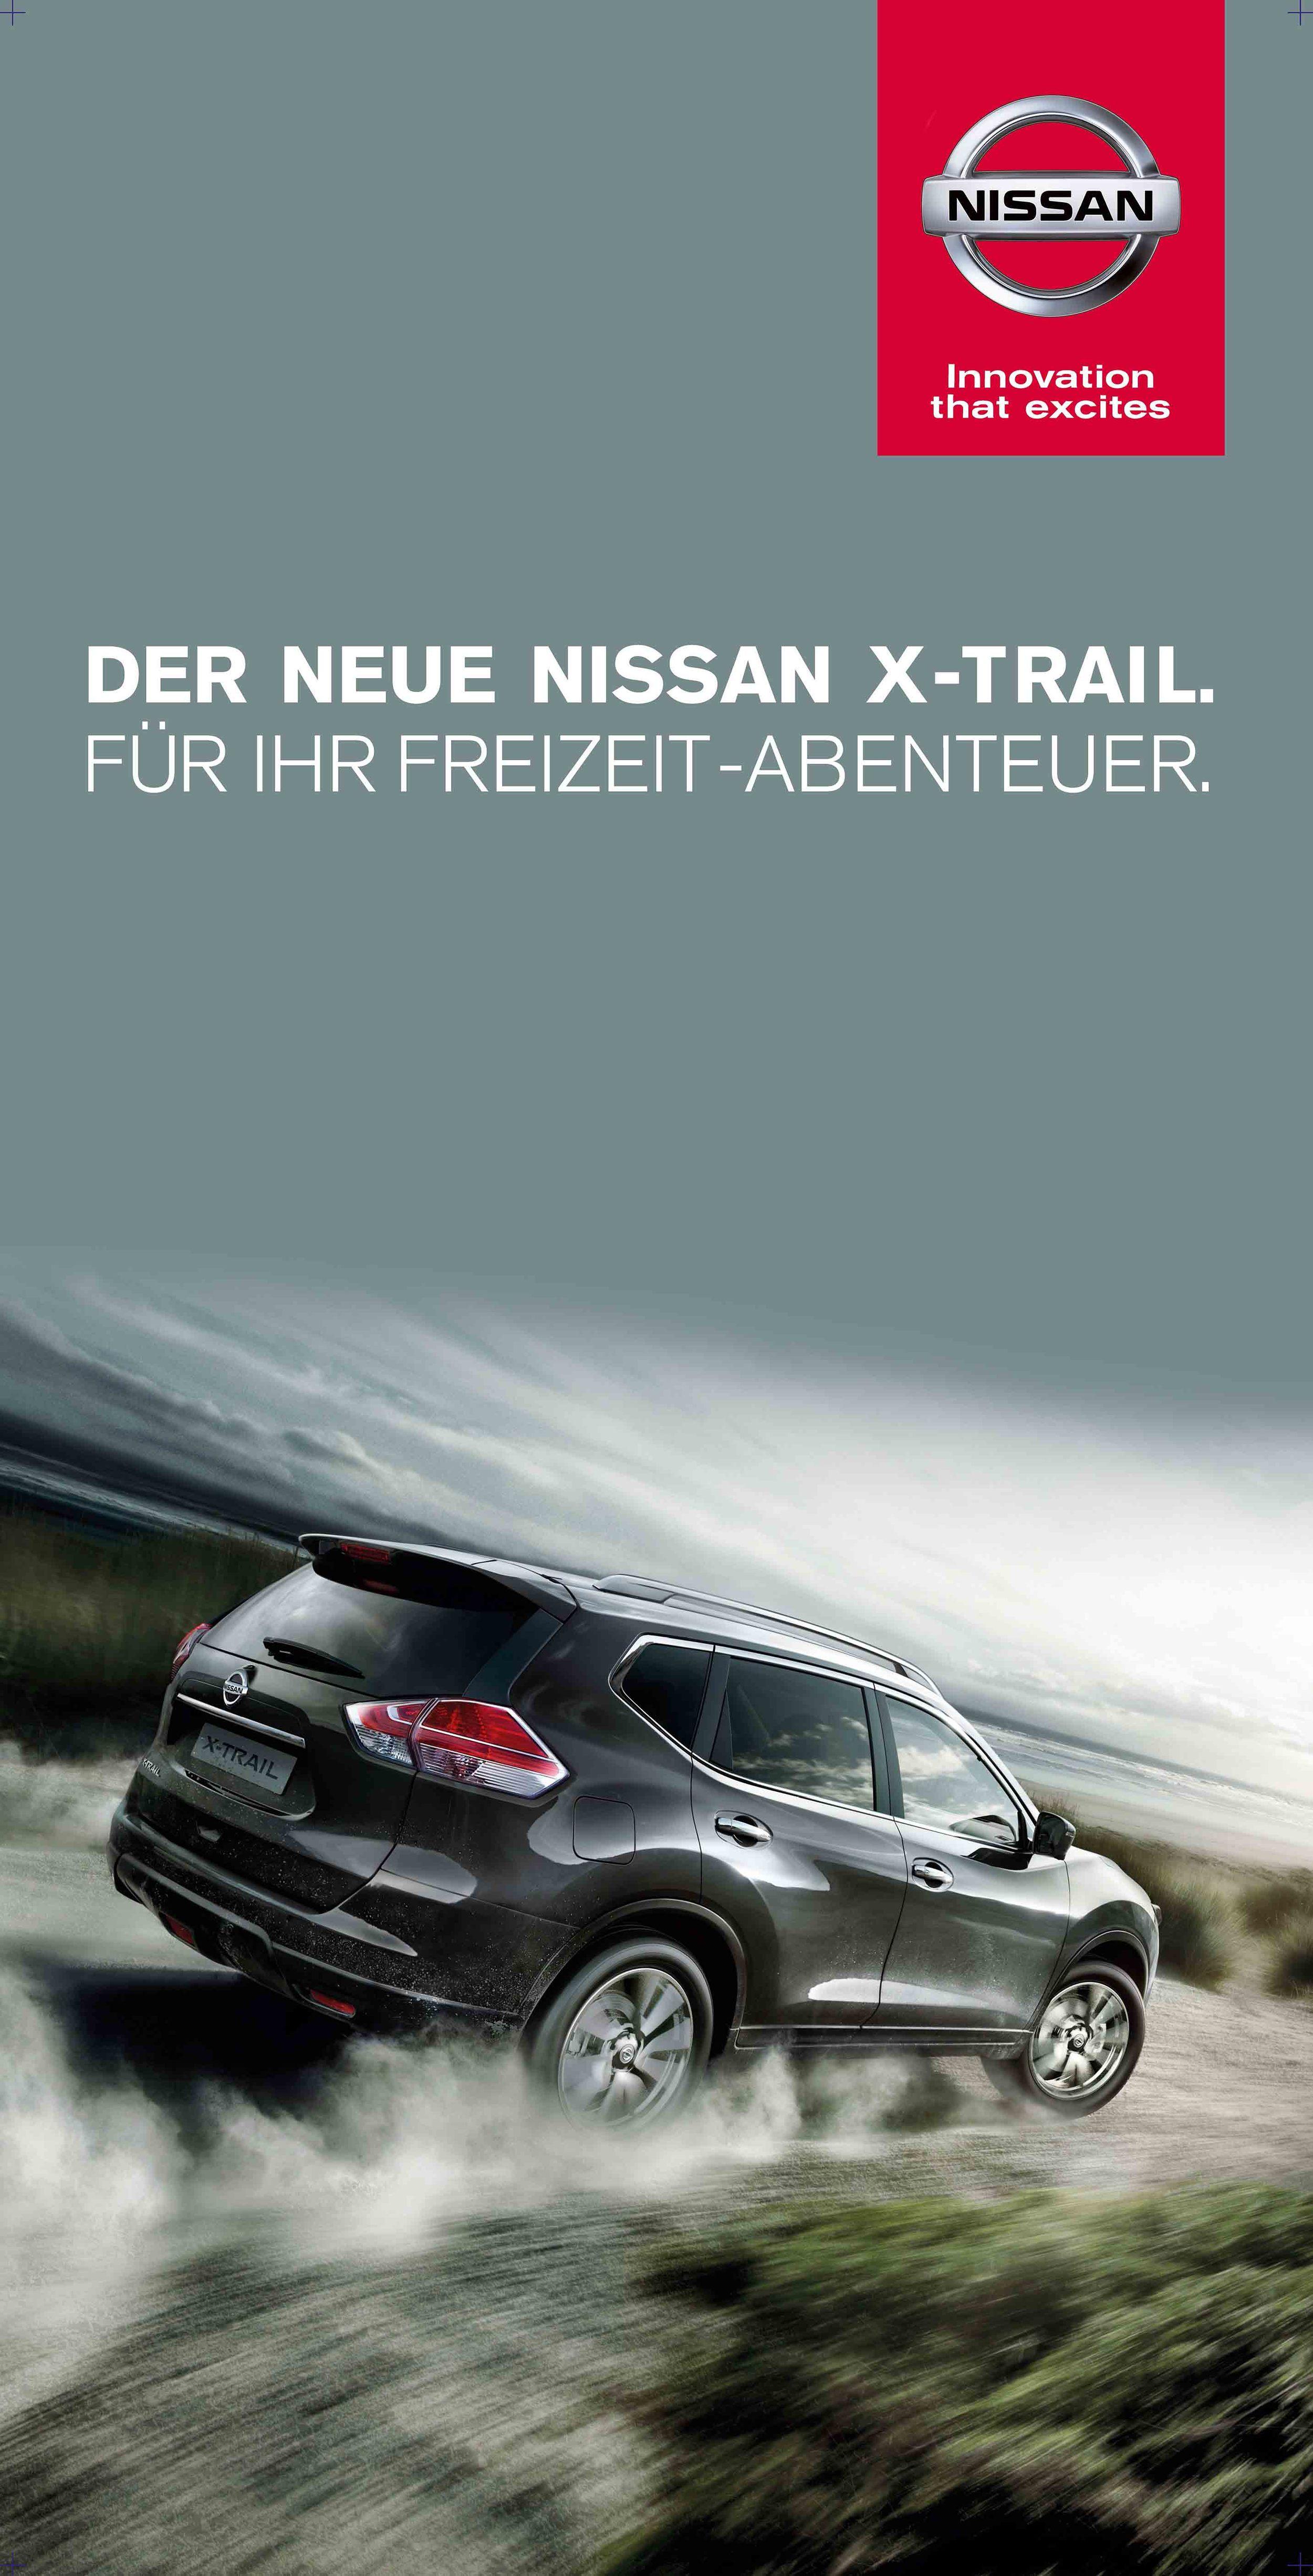 X-Trail_Plakataufsteller_Freizeit.jpg